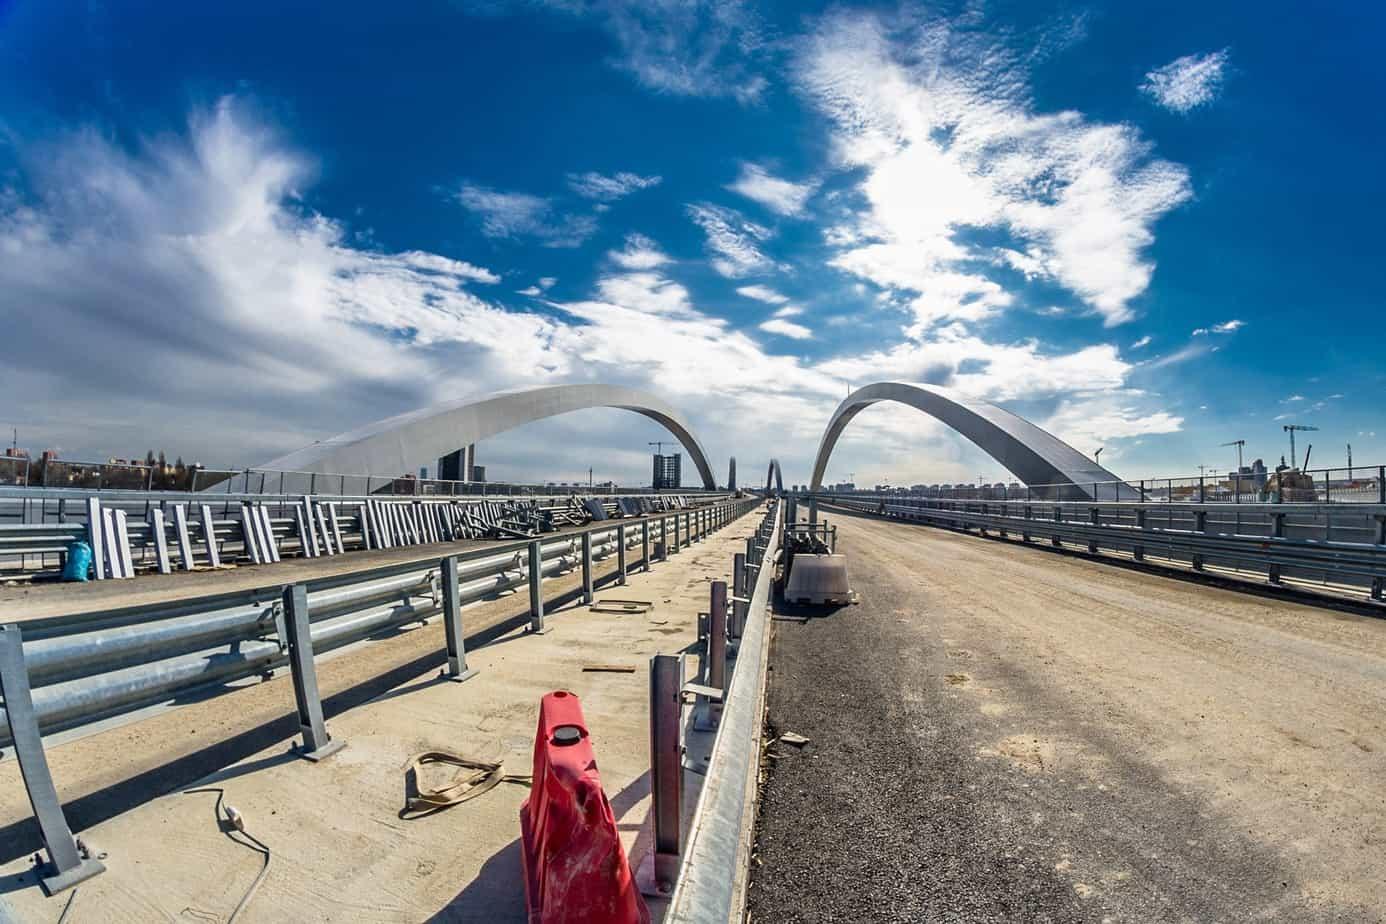 Una bella veduta del viadotto Expo con gli archi ribassati sfalsati tra loro